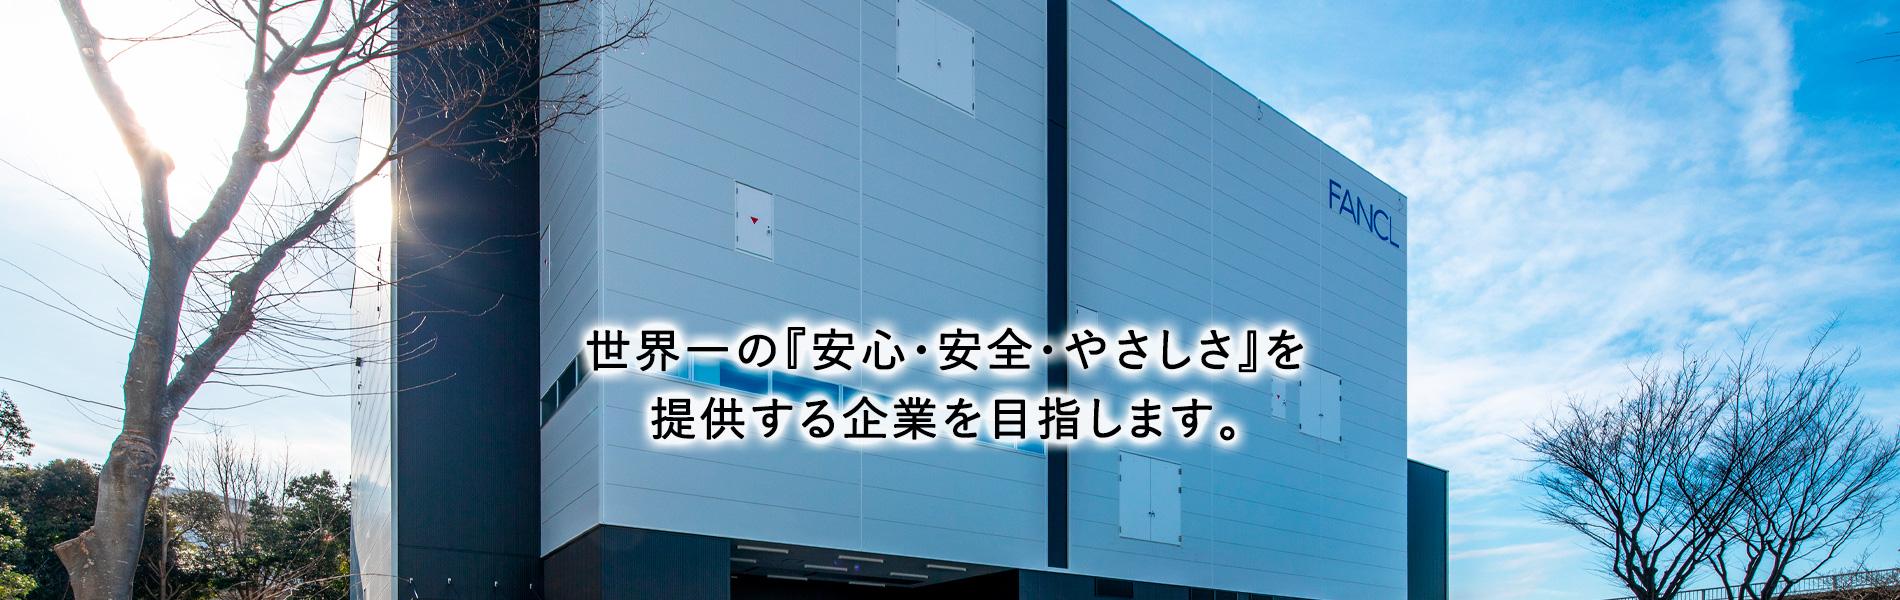 株式会社ファンケル美健